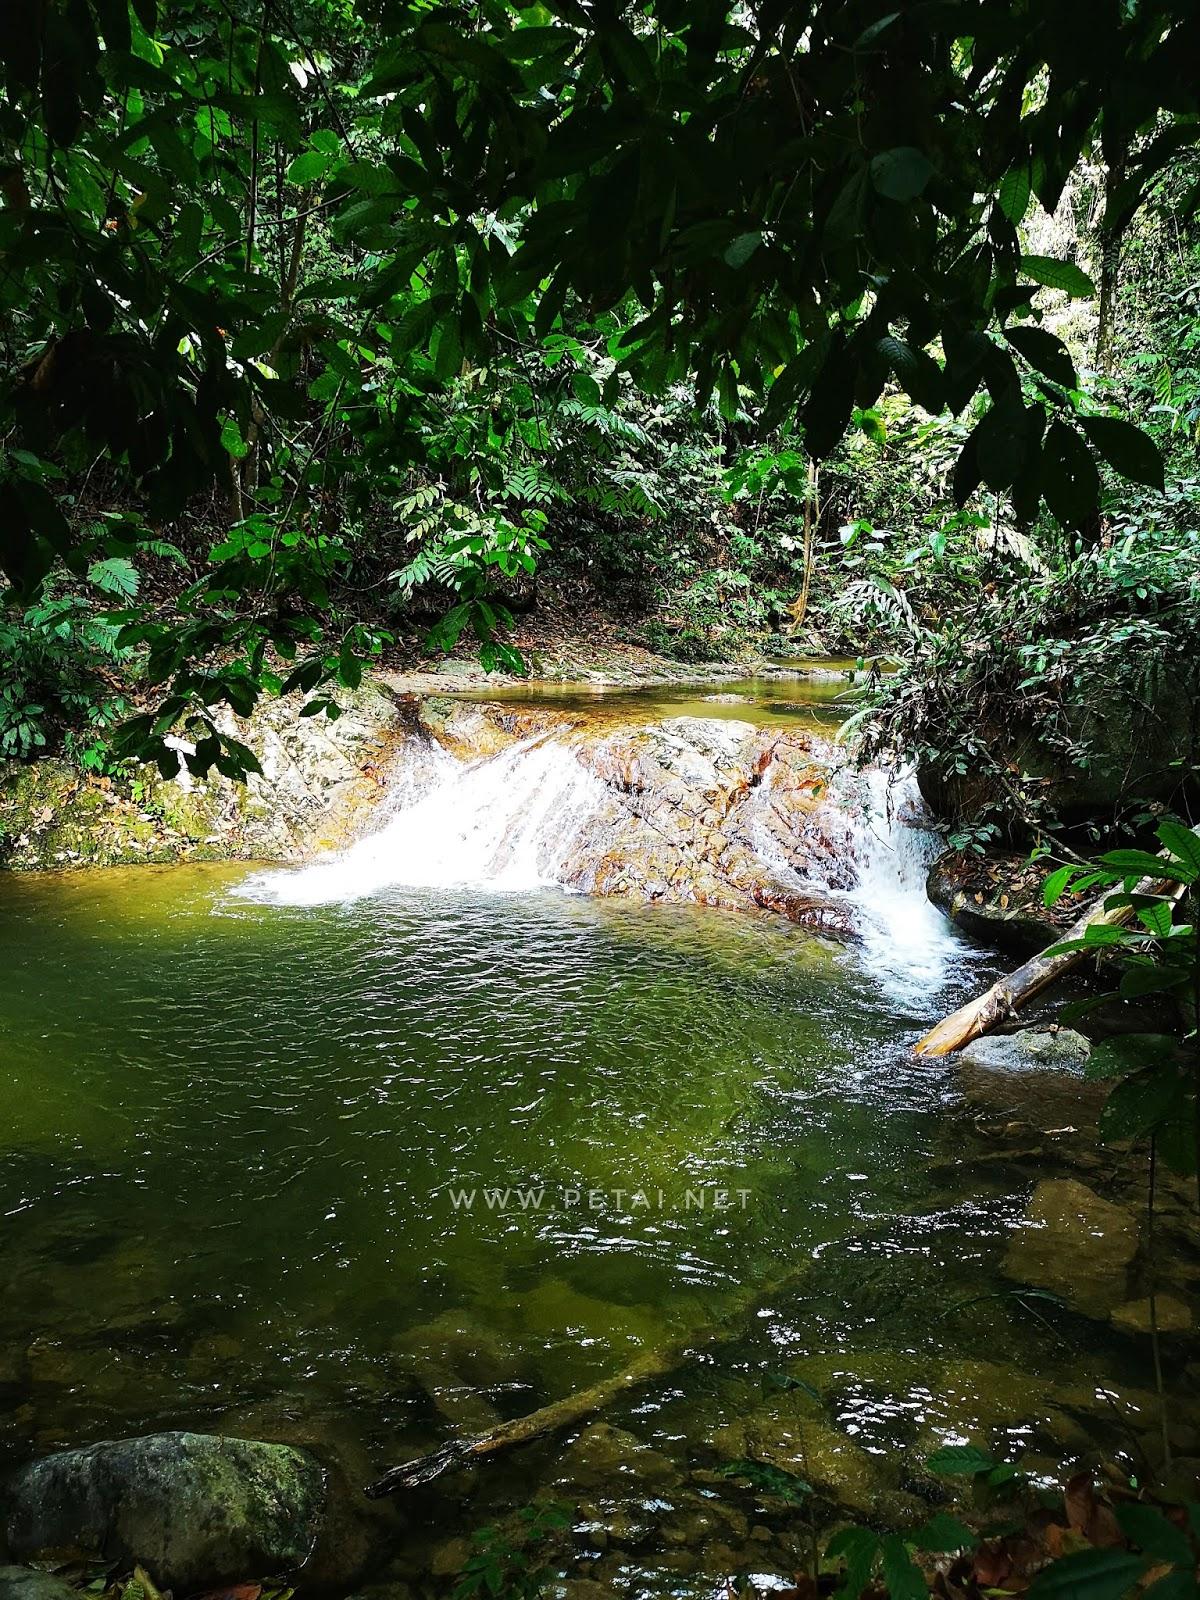 Air Terjun Berembun, Jelebu